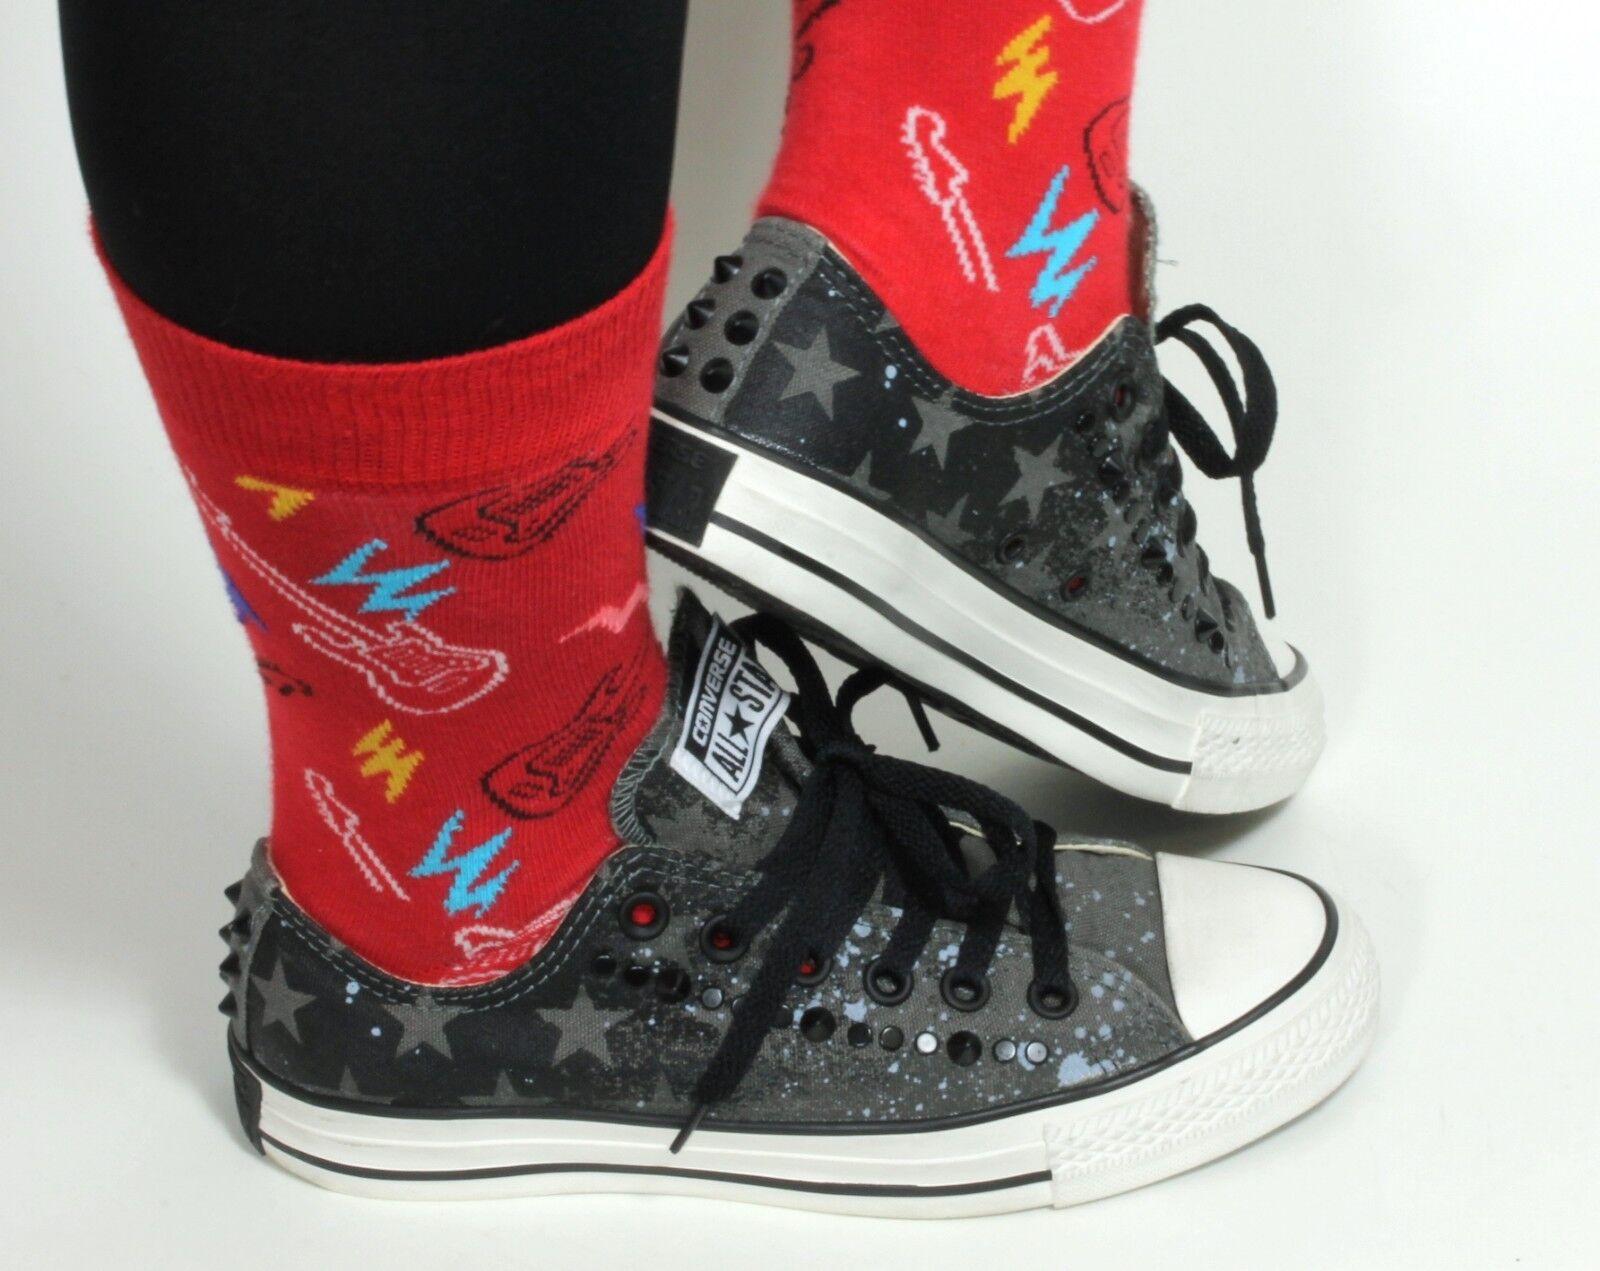 Converse All Star zapatillas de deporte deporte deporte cortos low top Zapatos señora Chucks Army tachuelas 37  Todo en alta calidad y bajo precio.